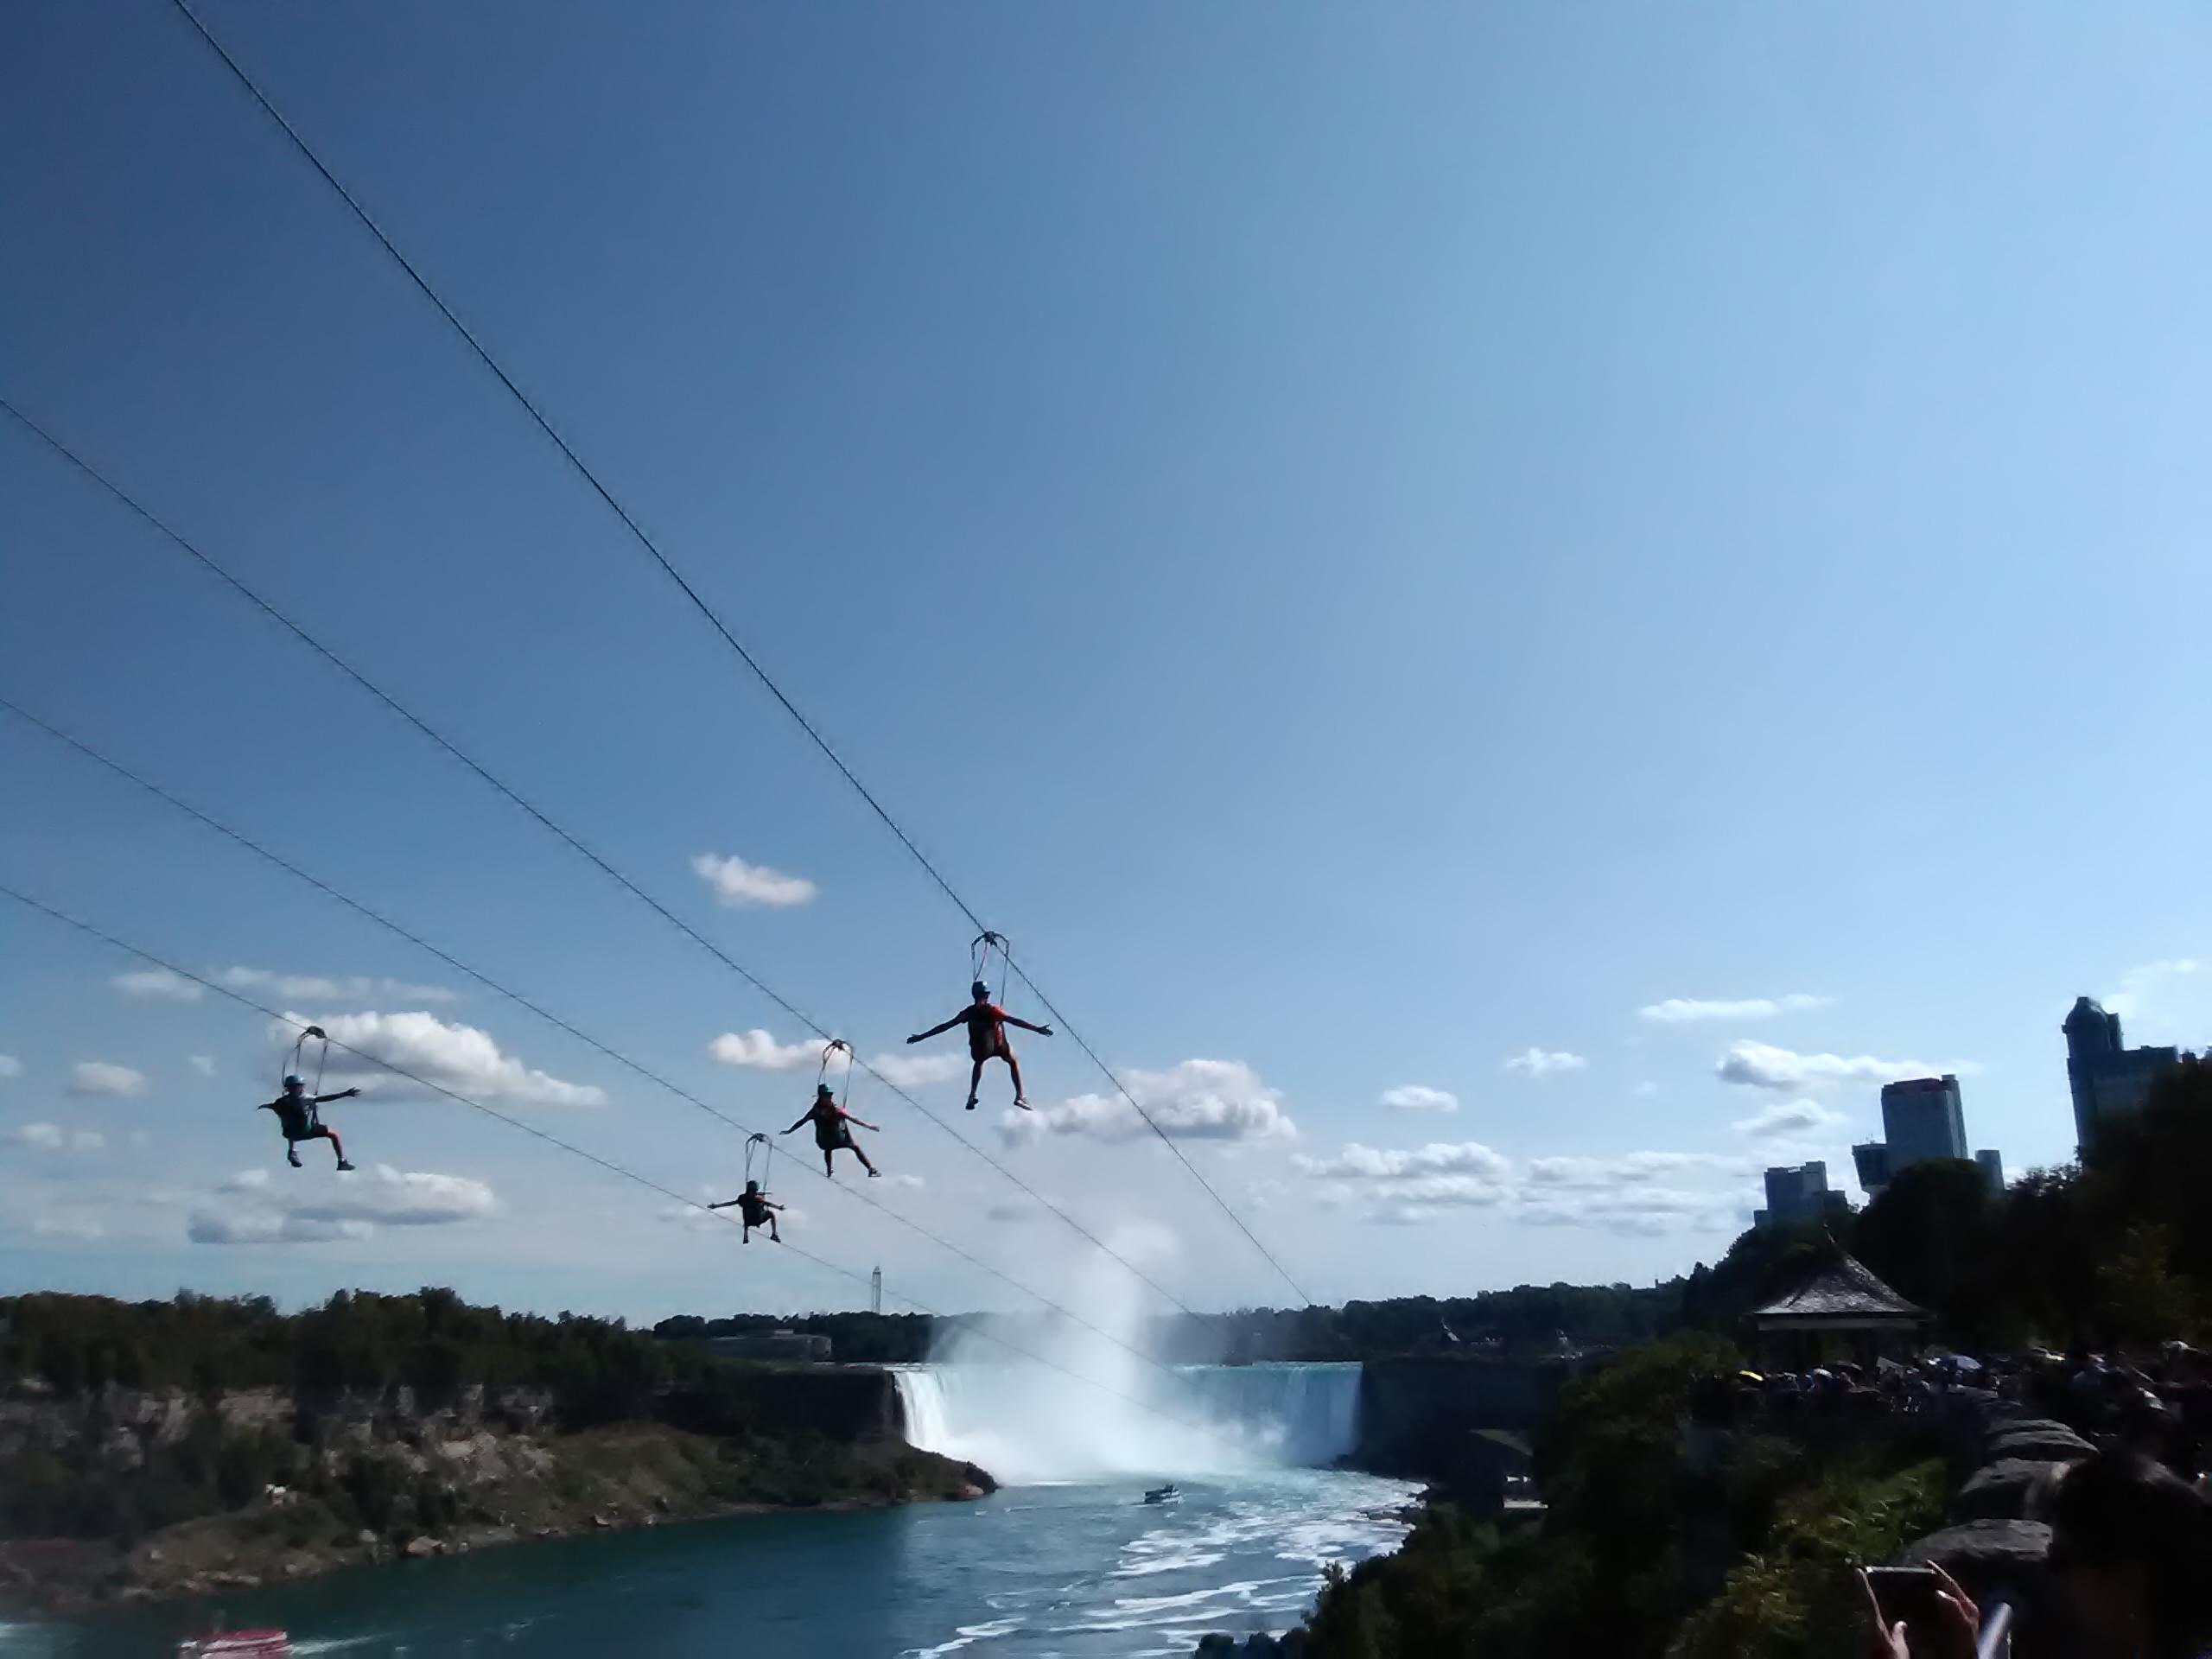 Ziplining Niagara falls, Canada